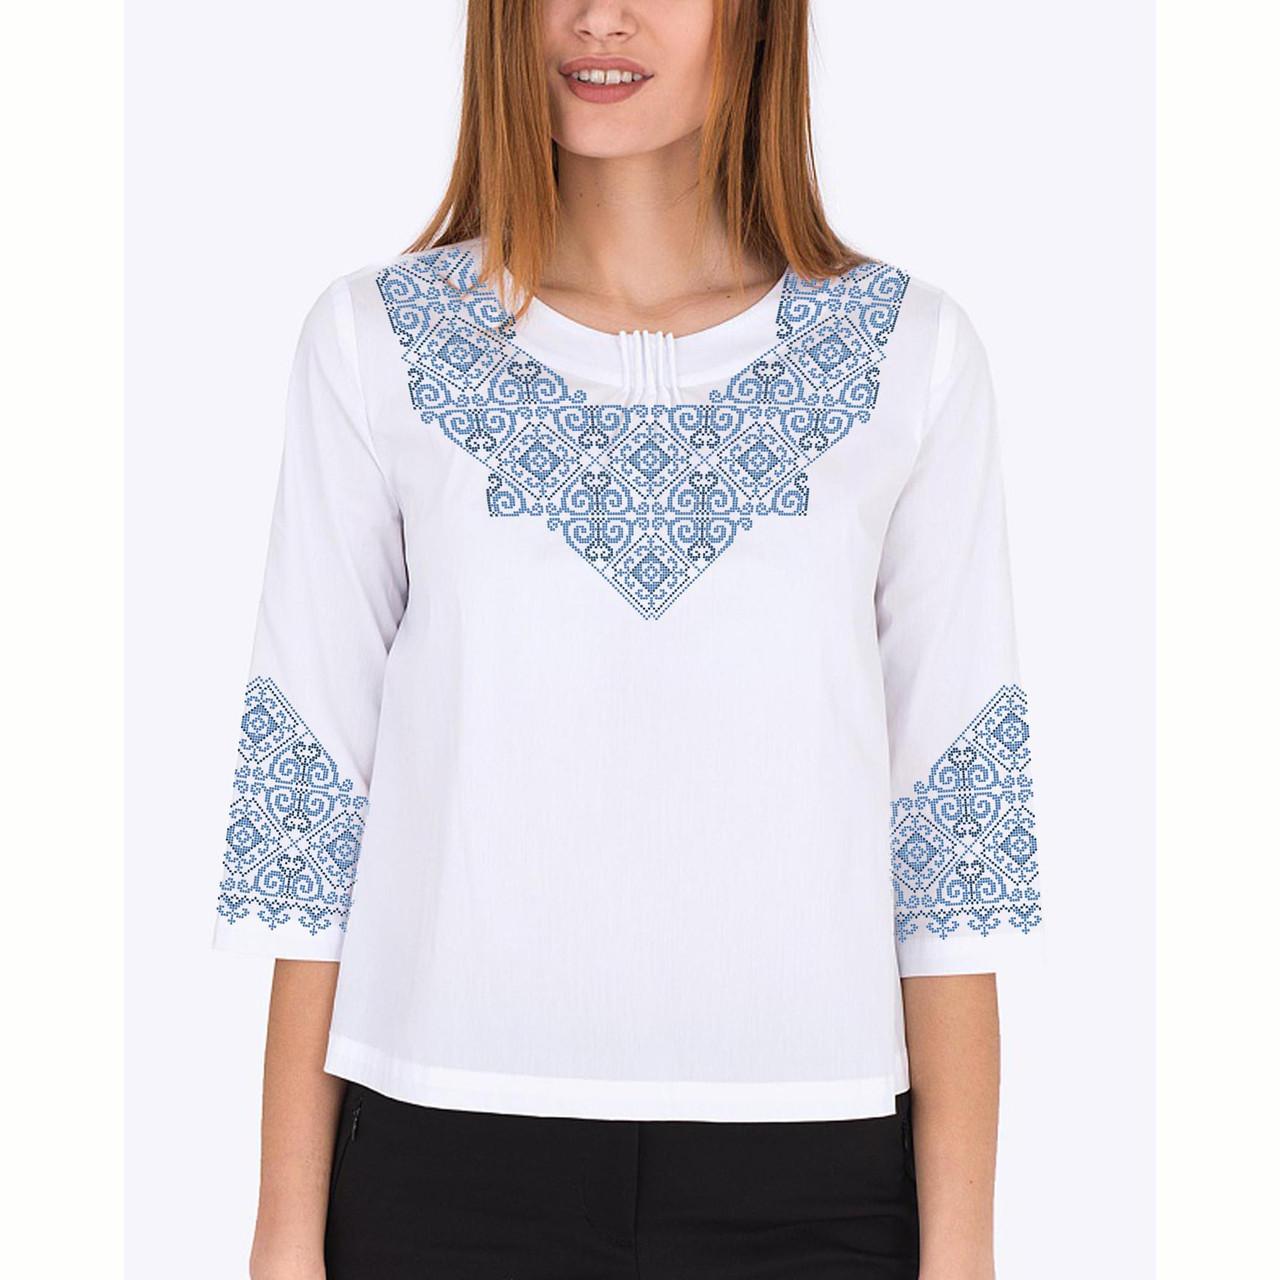 Заготовка вышиванки женской сорочки / блузы для вышивки бисером «Мотив 157 Г»